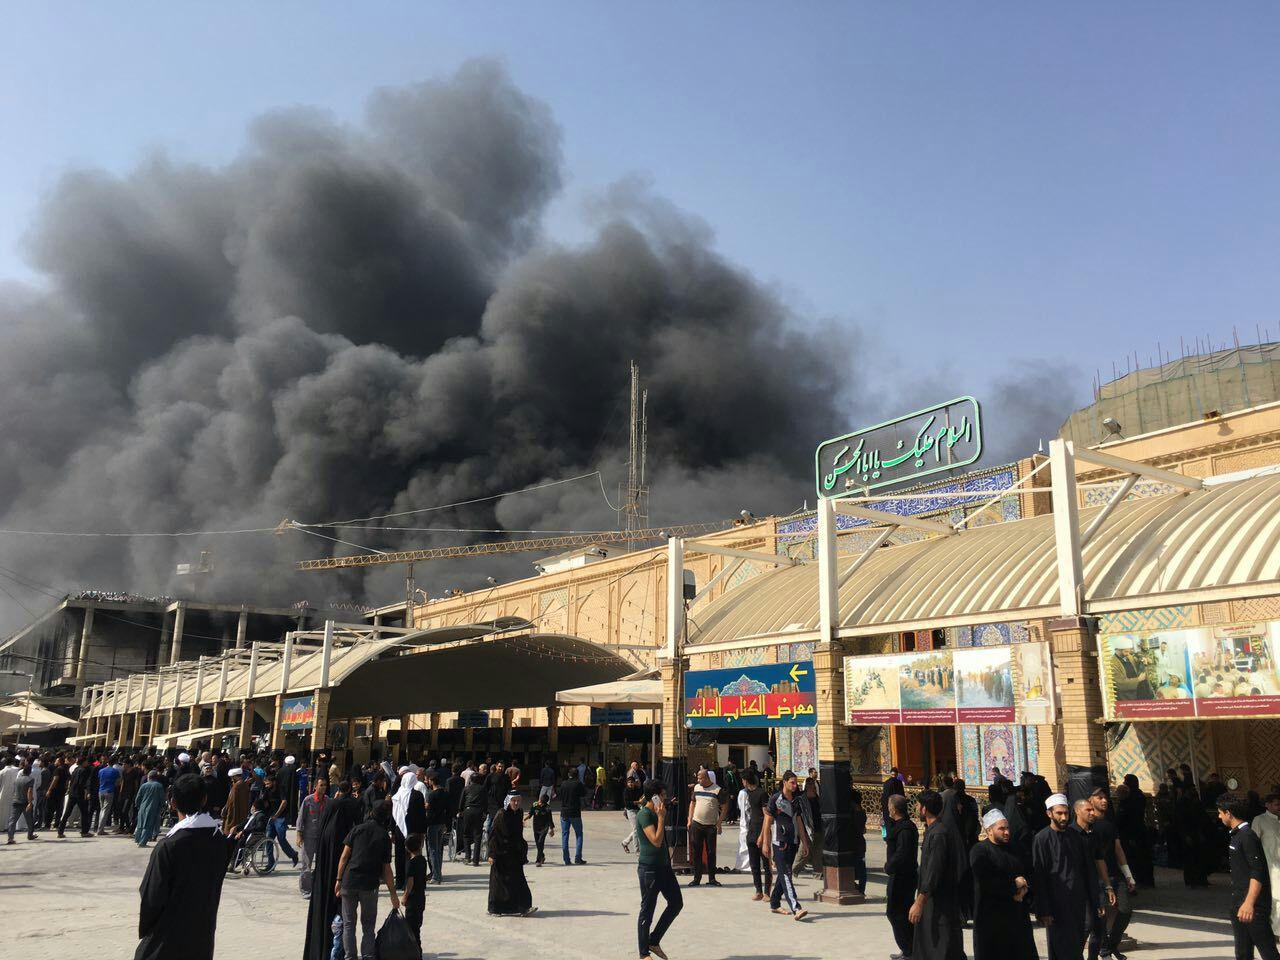 بخشی از صحن جدید حرم حضرت علی (ع) دچار حریق شد + تصاویر